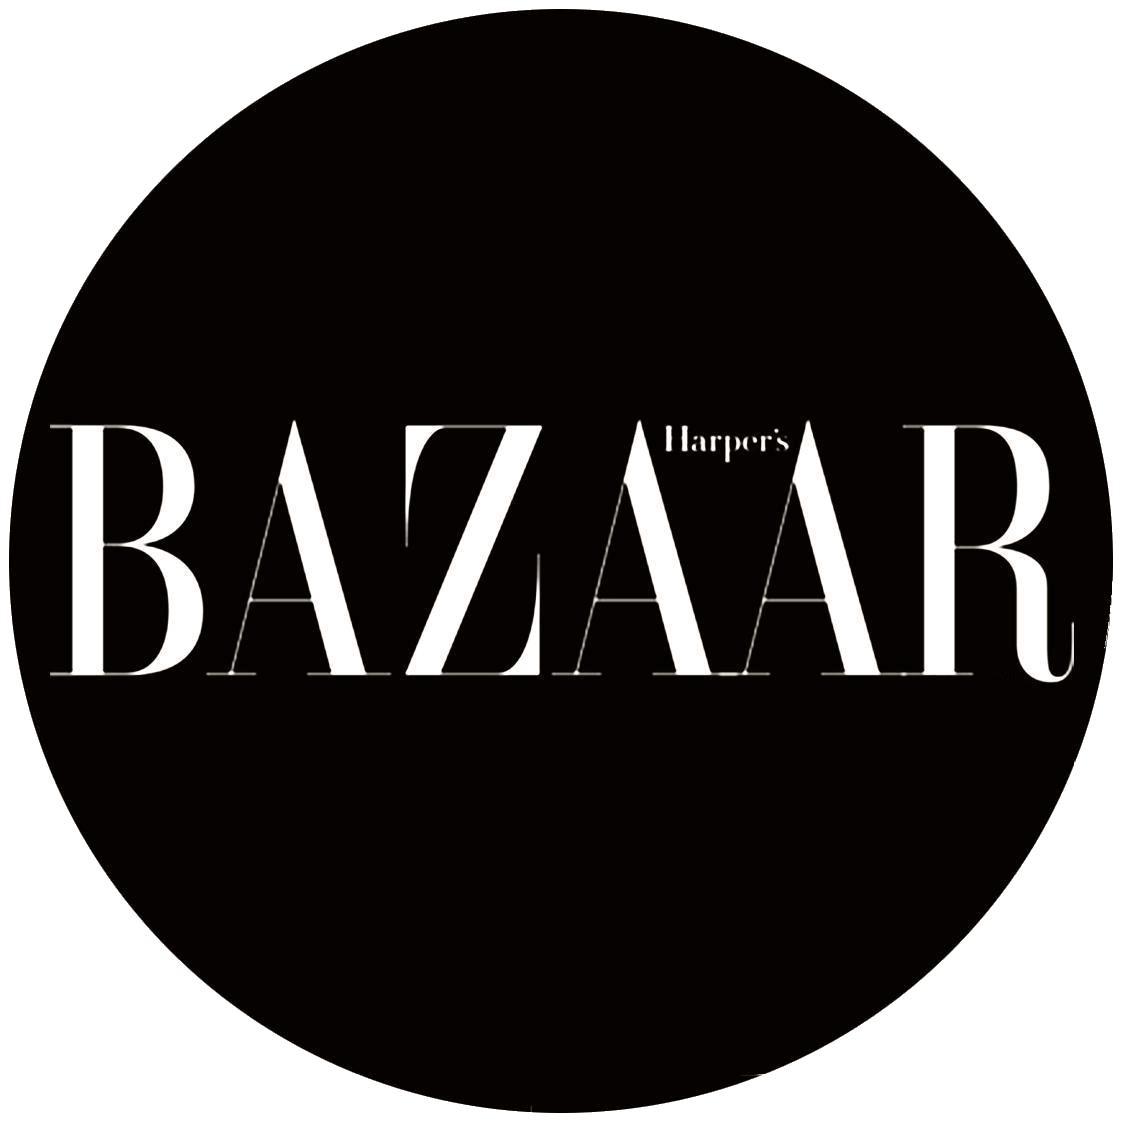 harper-bazaar-as-seen-on